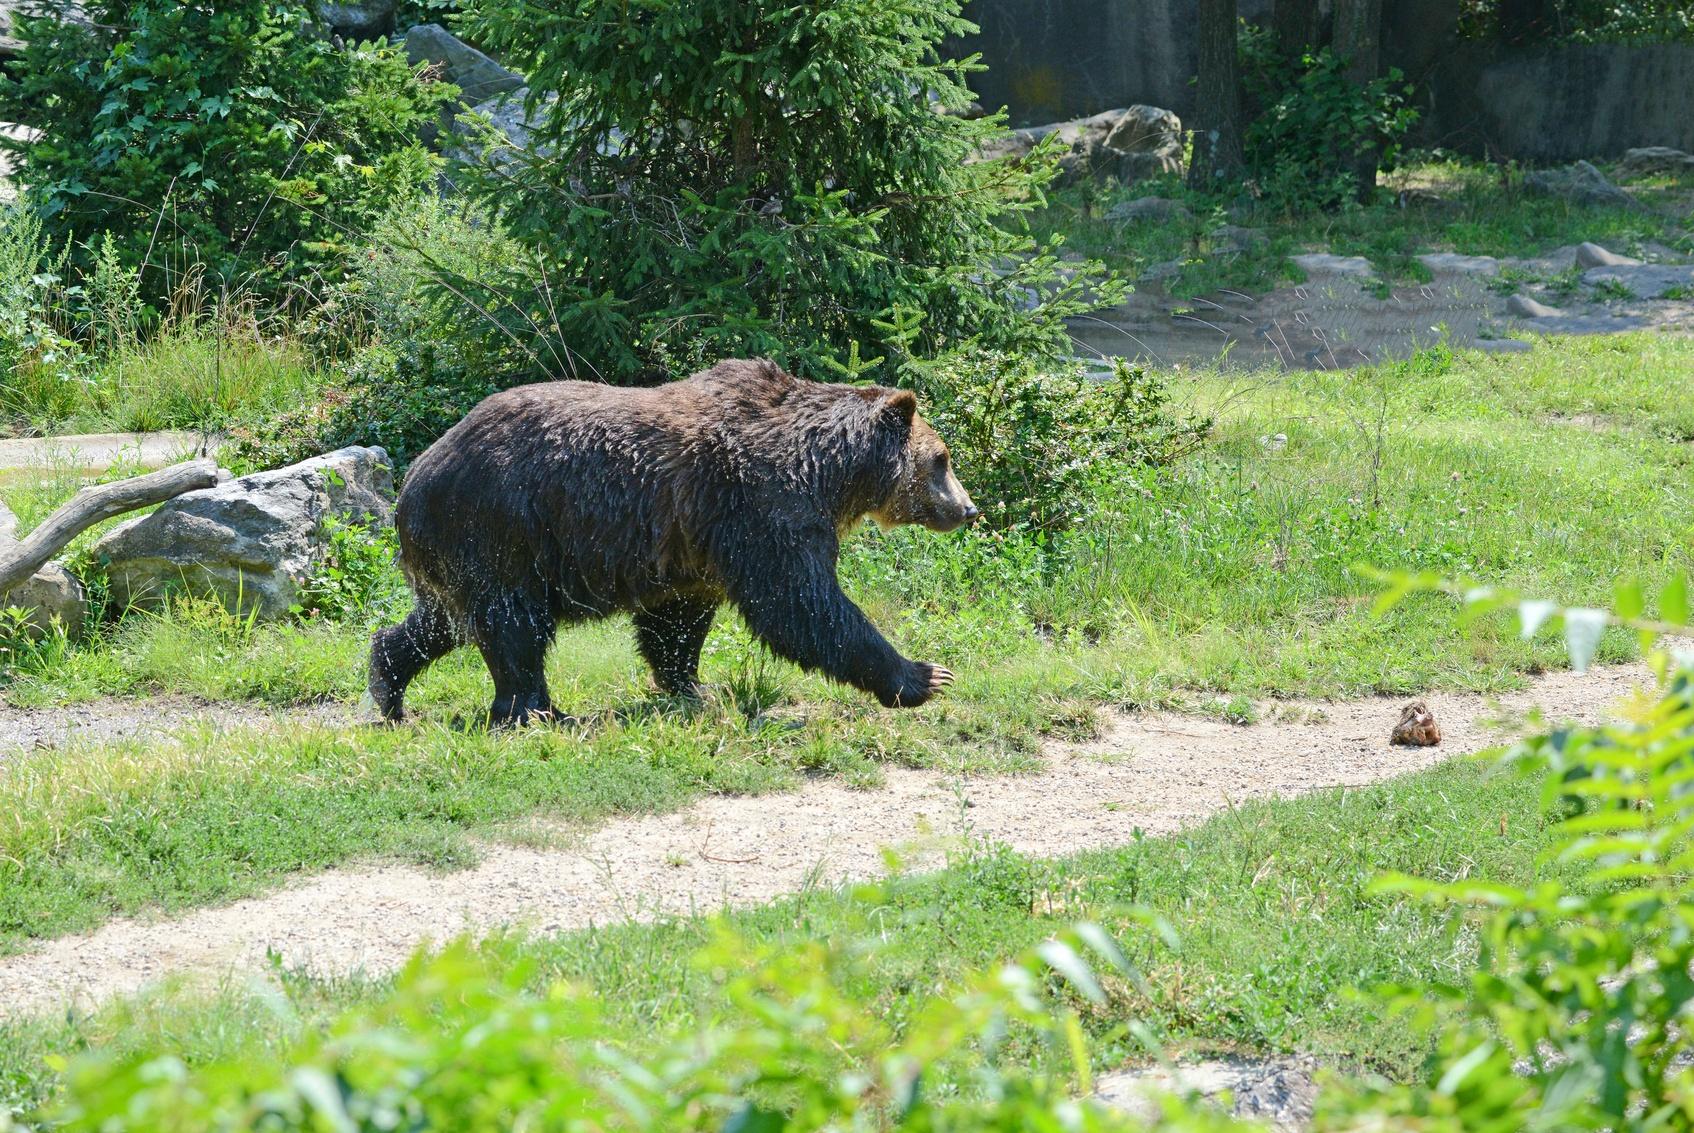 Bear Awareness While Hiking in Yellowstone